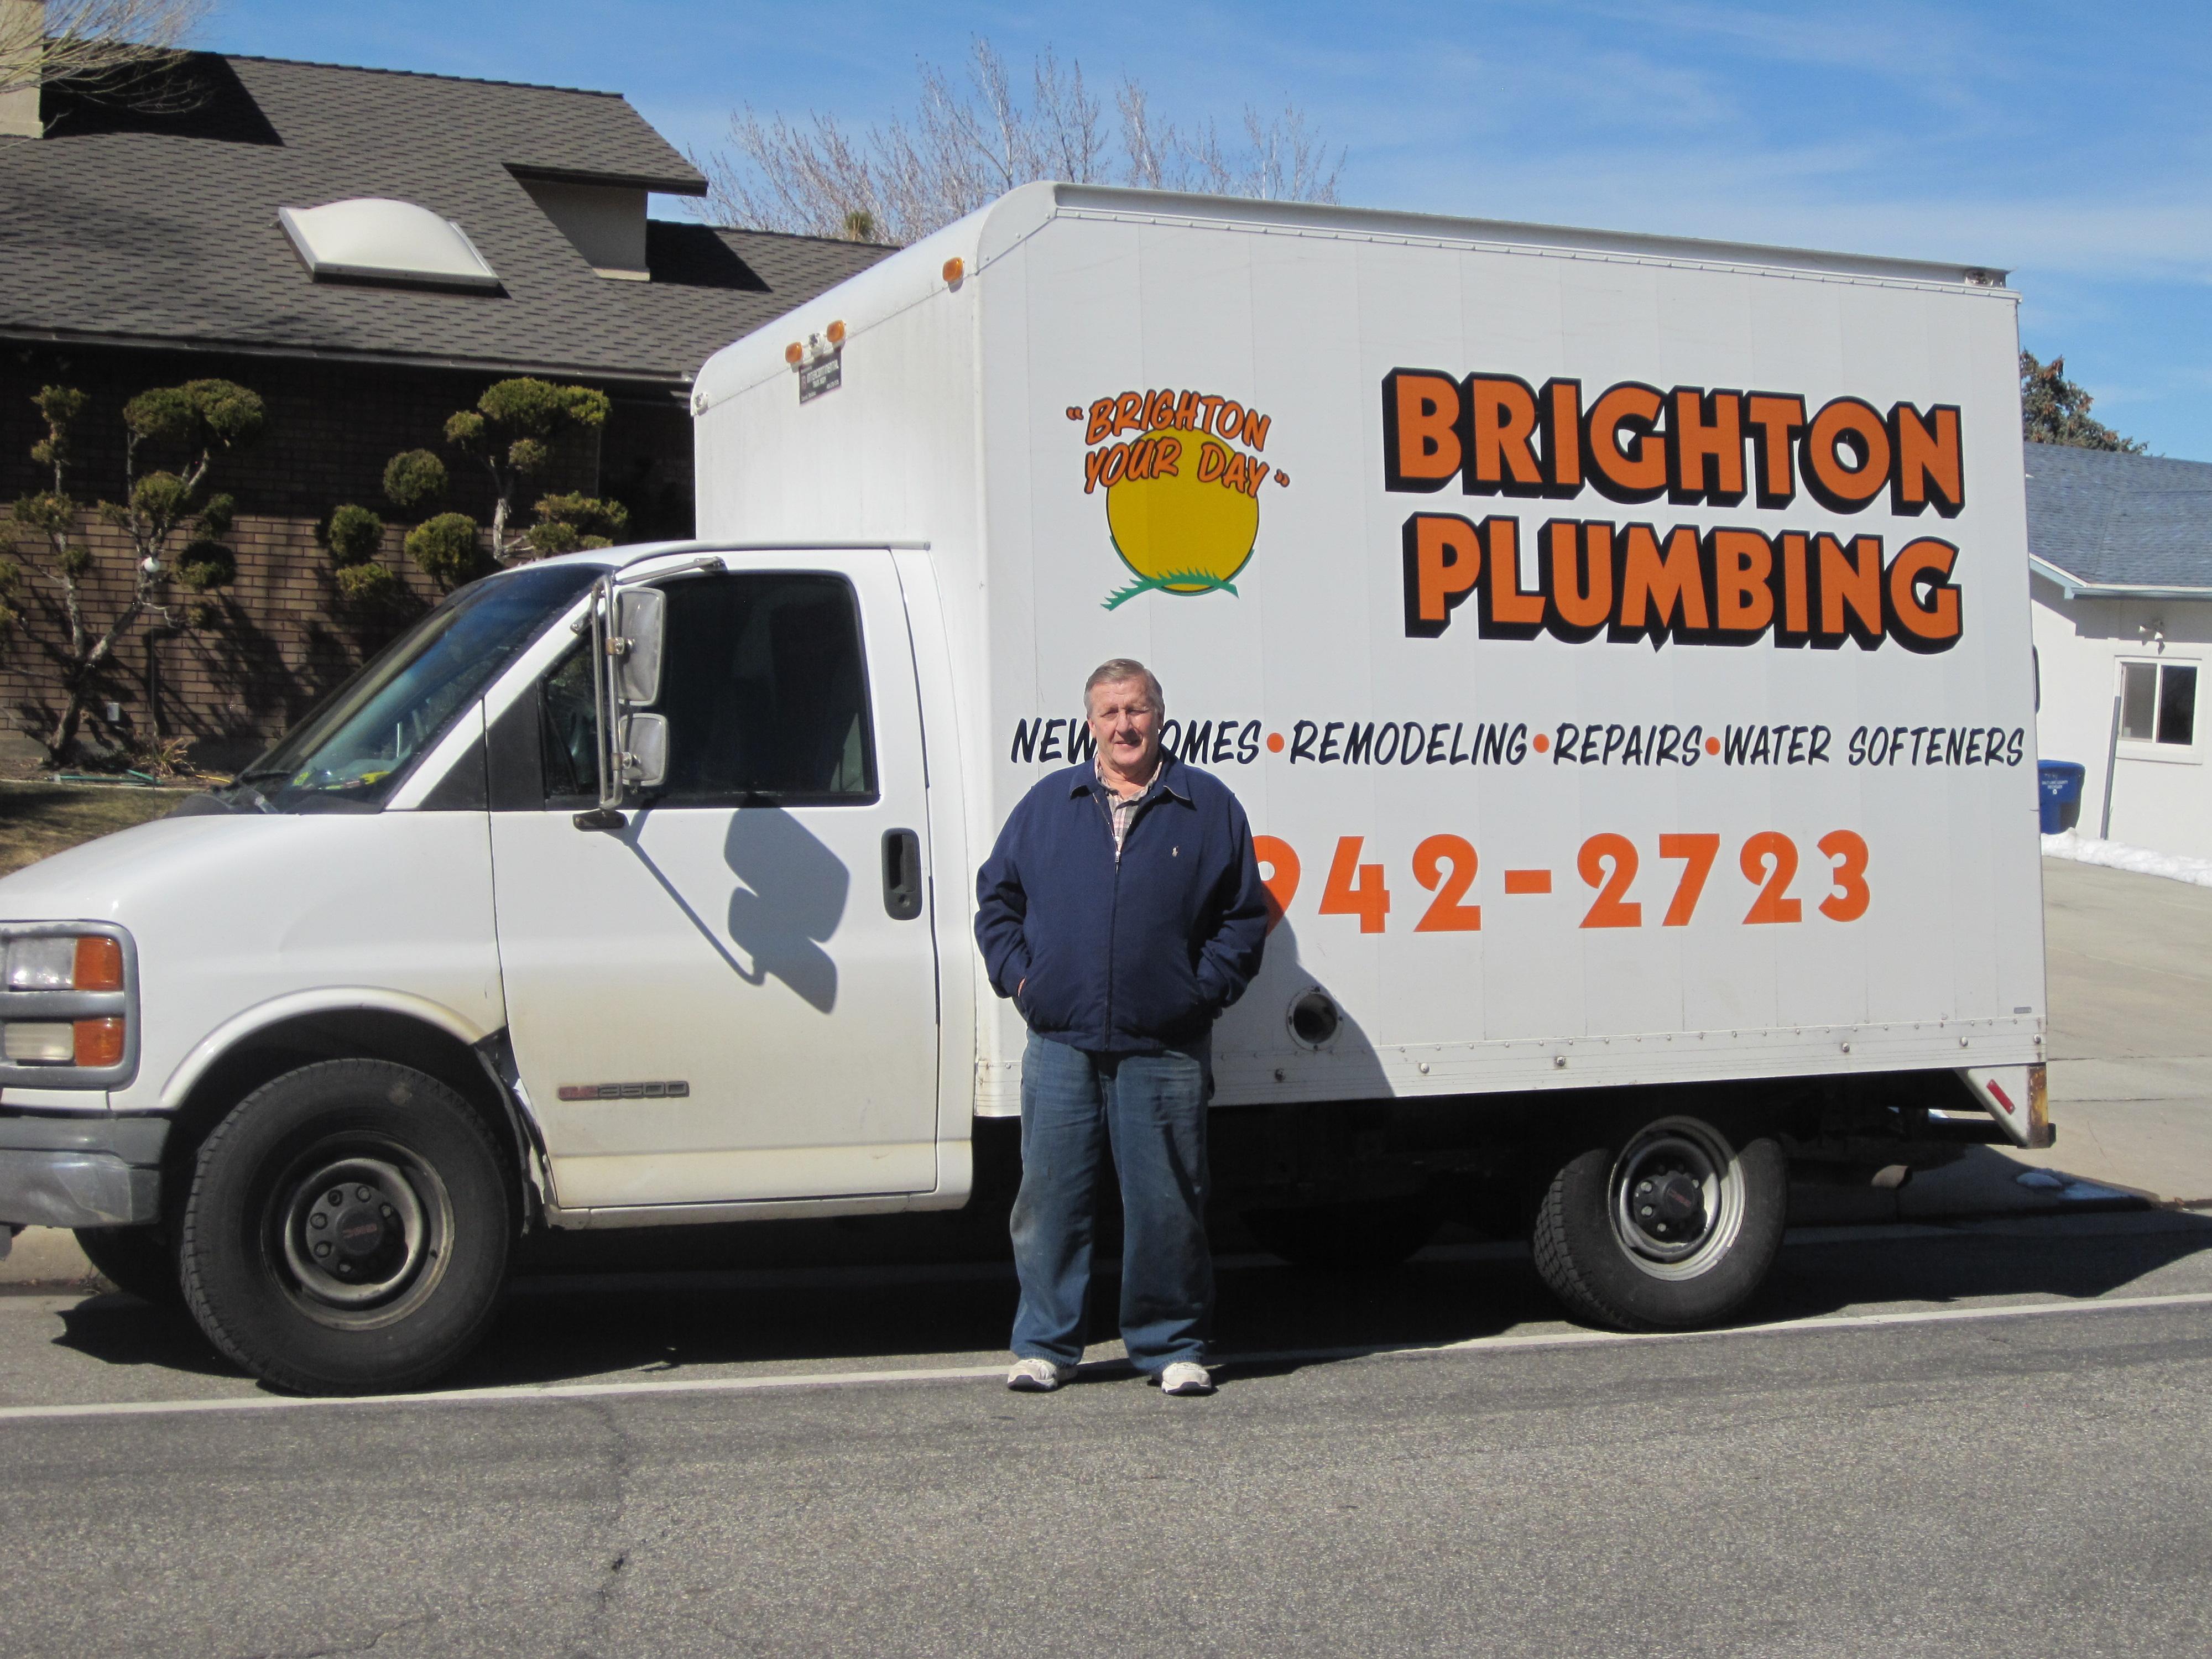 Brighton Plumbing Salt Lake City Plumbers